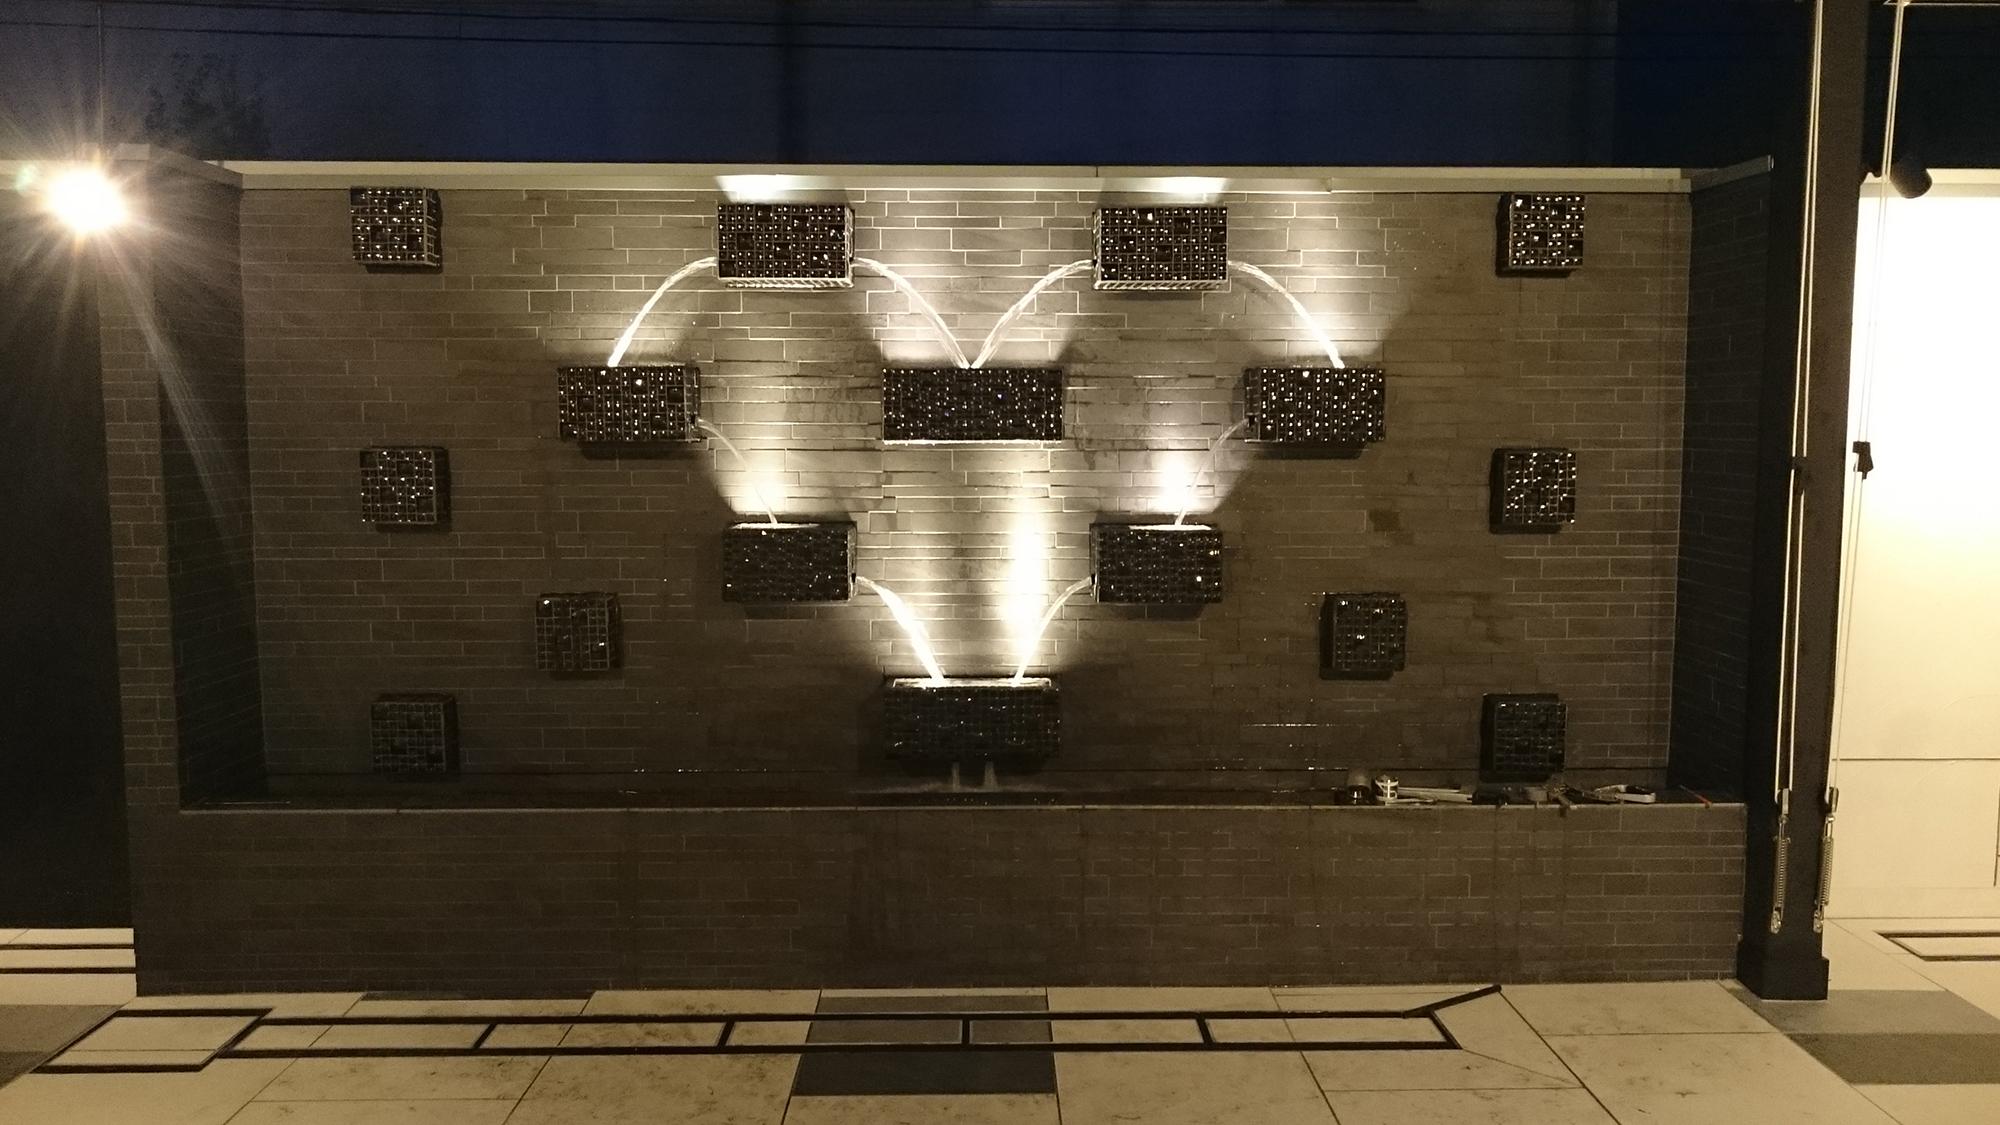 【水景施設】ヒルズマーキュリー 中庭ステップフォール水景設備 設計・施工(埼玉県)